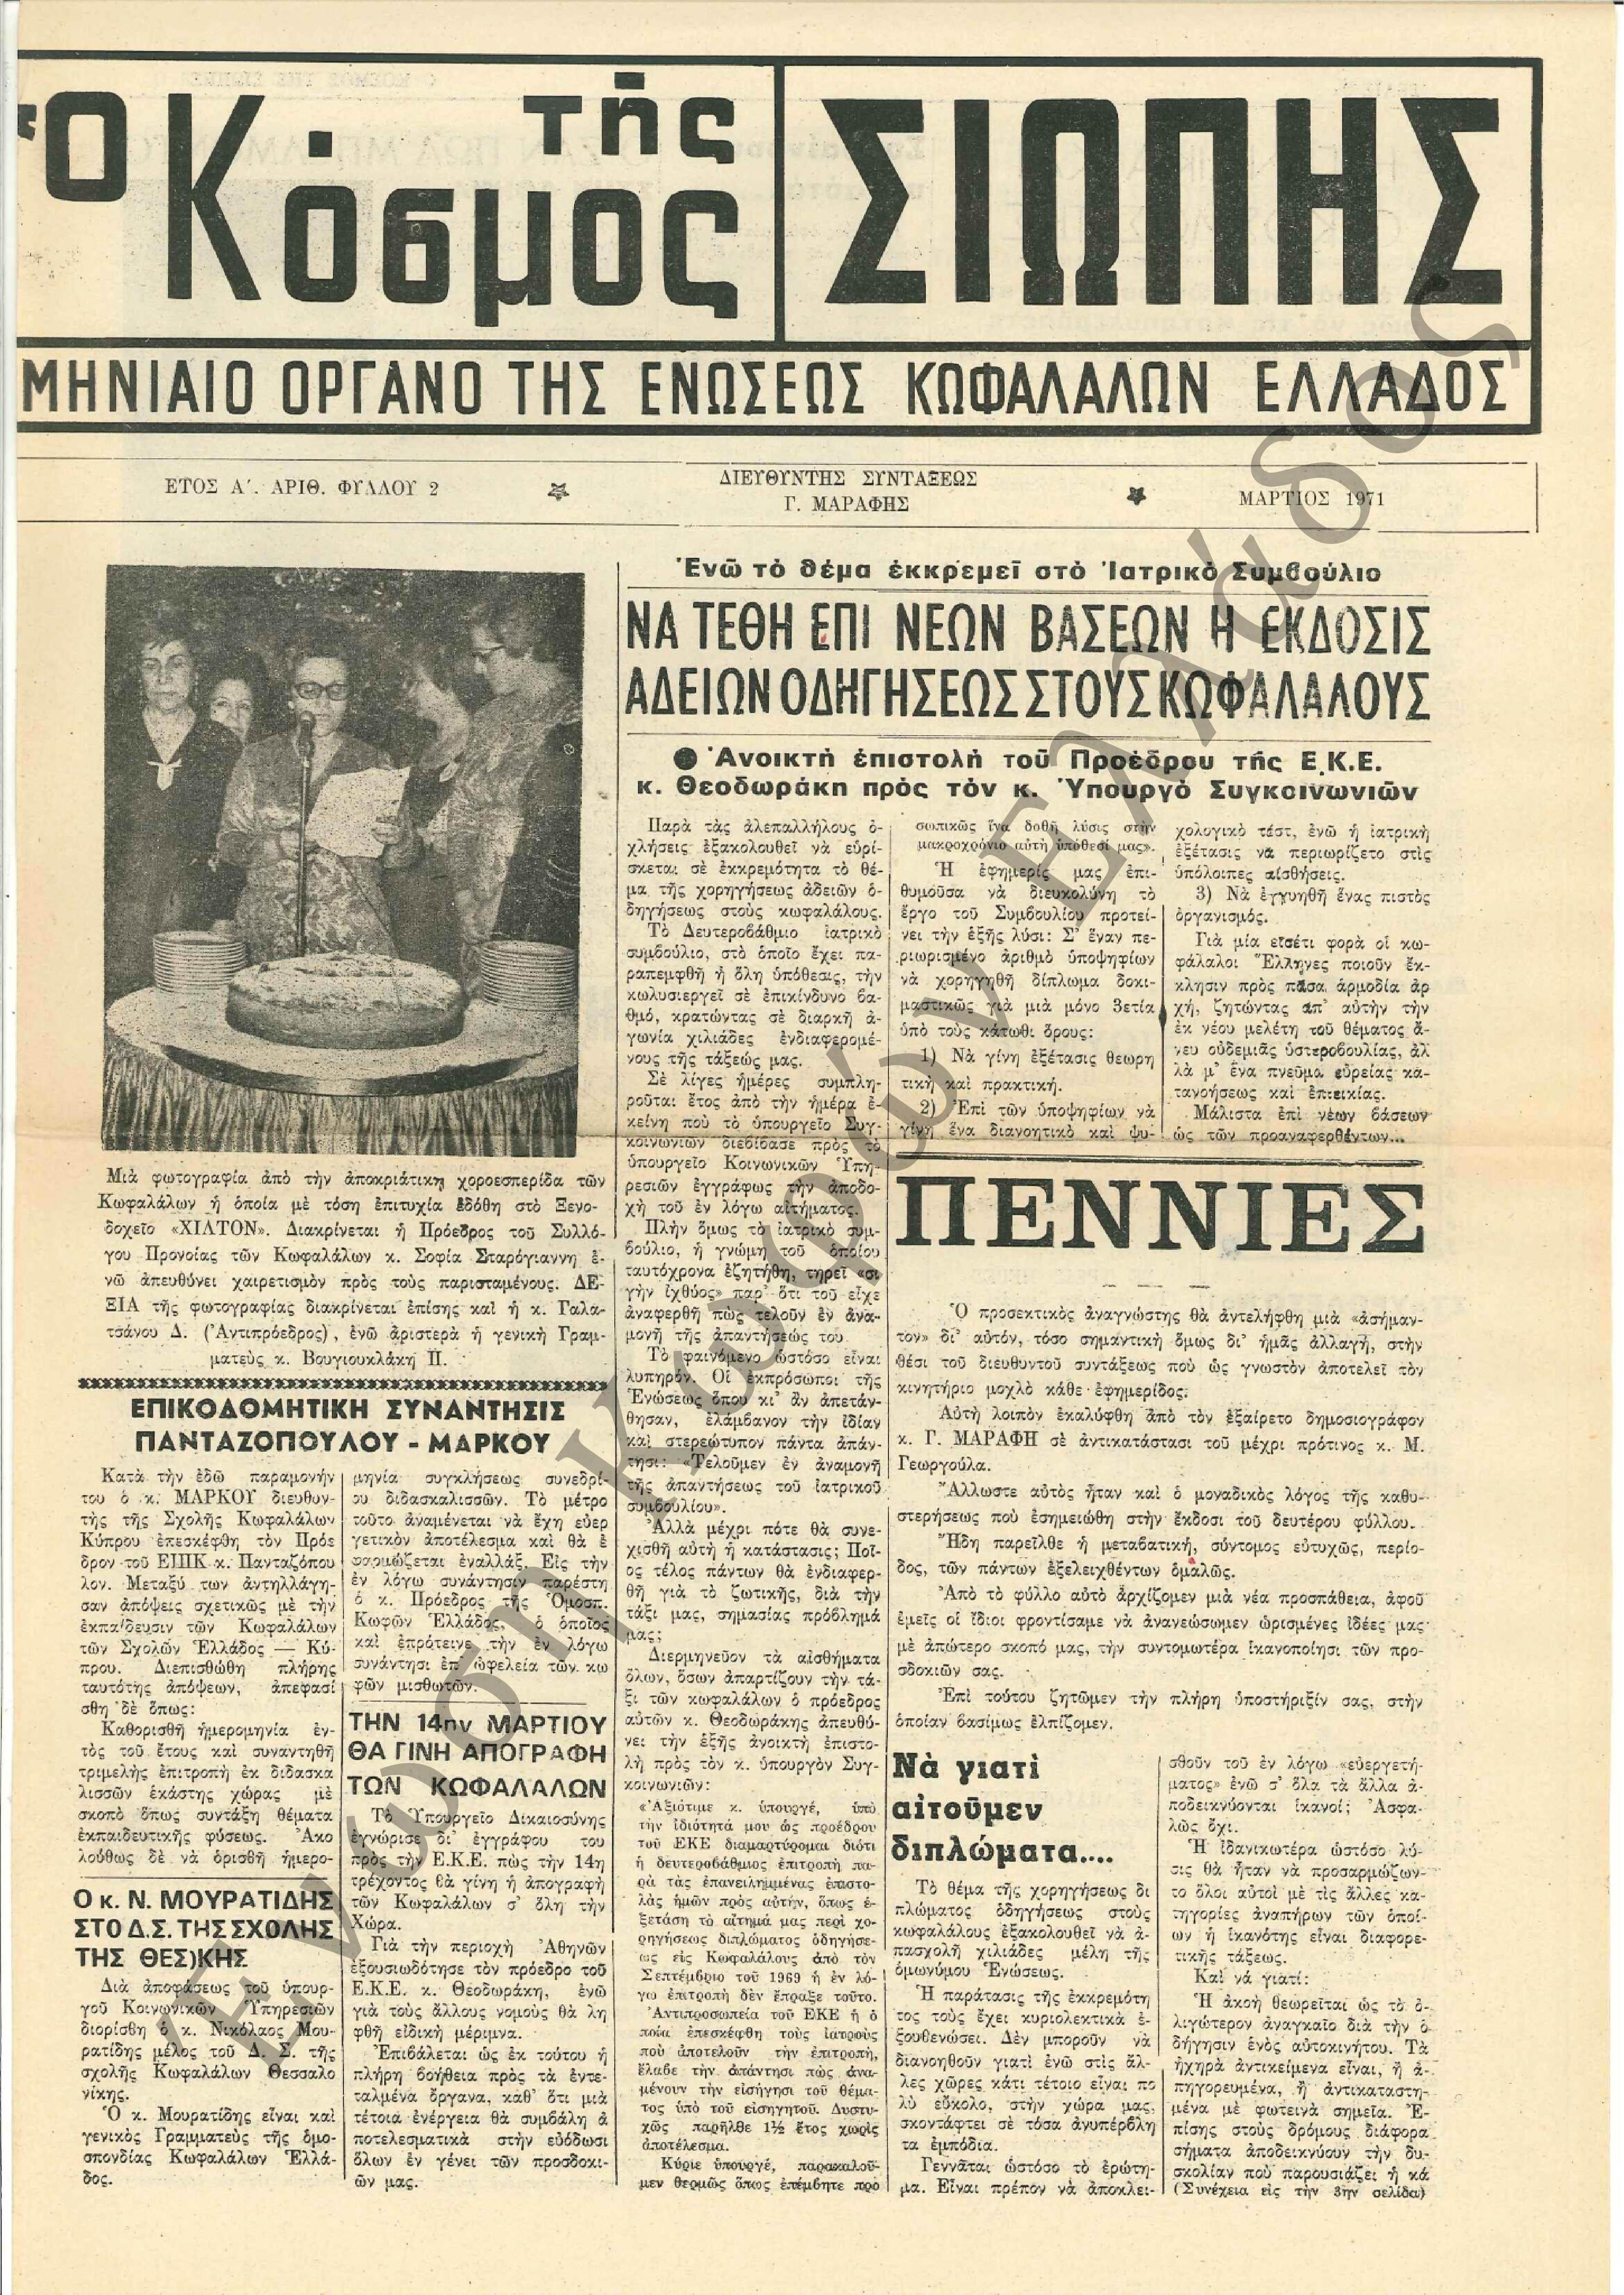 Ο Κόσμος της Σιωπής 1971-Μάρτιος 1